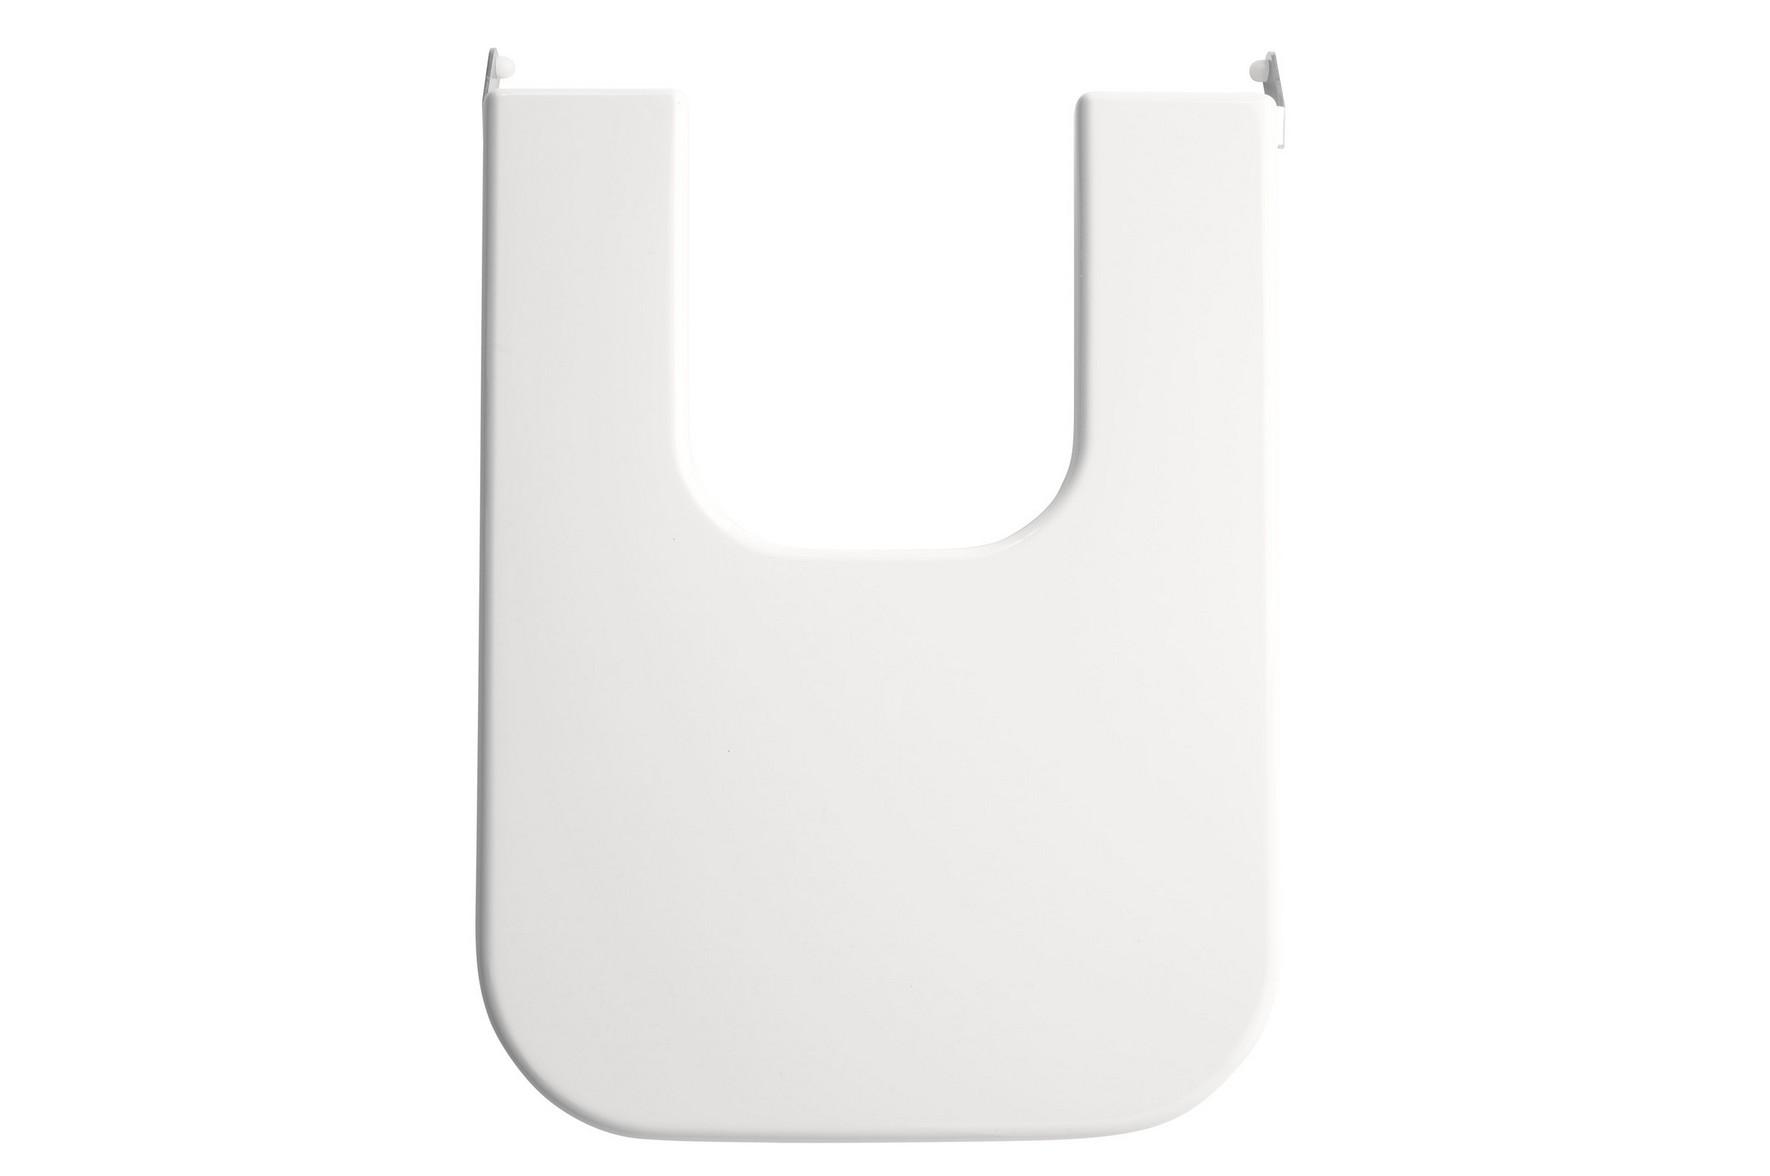 Крышка Gala 51650 супермаркет] [jingdong подушка ковыль 3 придерживались кнопки туалета теплого сиденье для унитаза крышка унитаза 1g5865